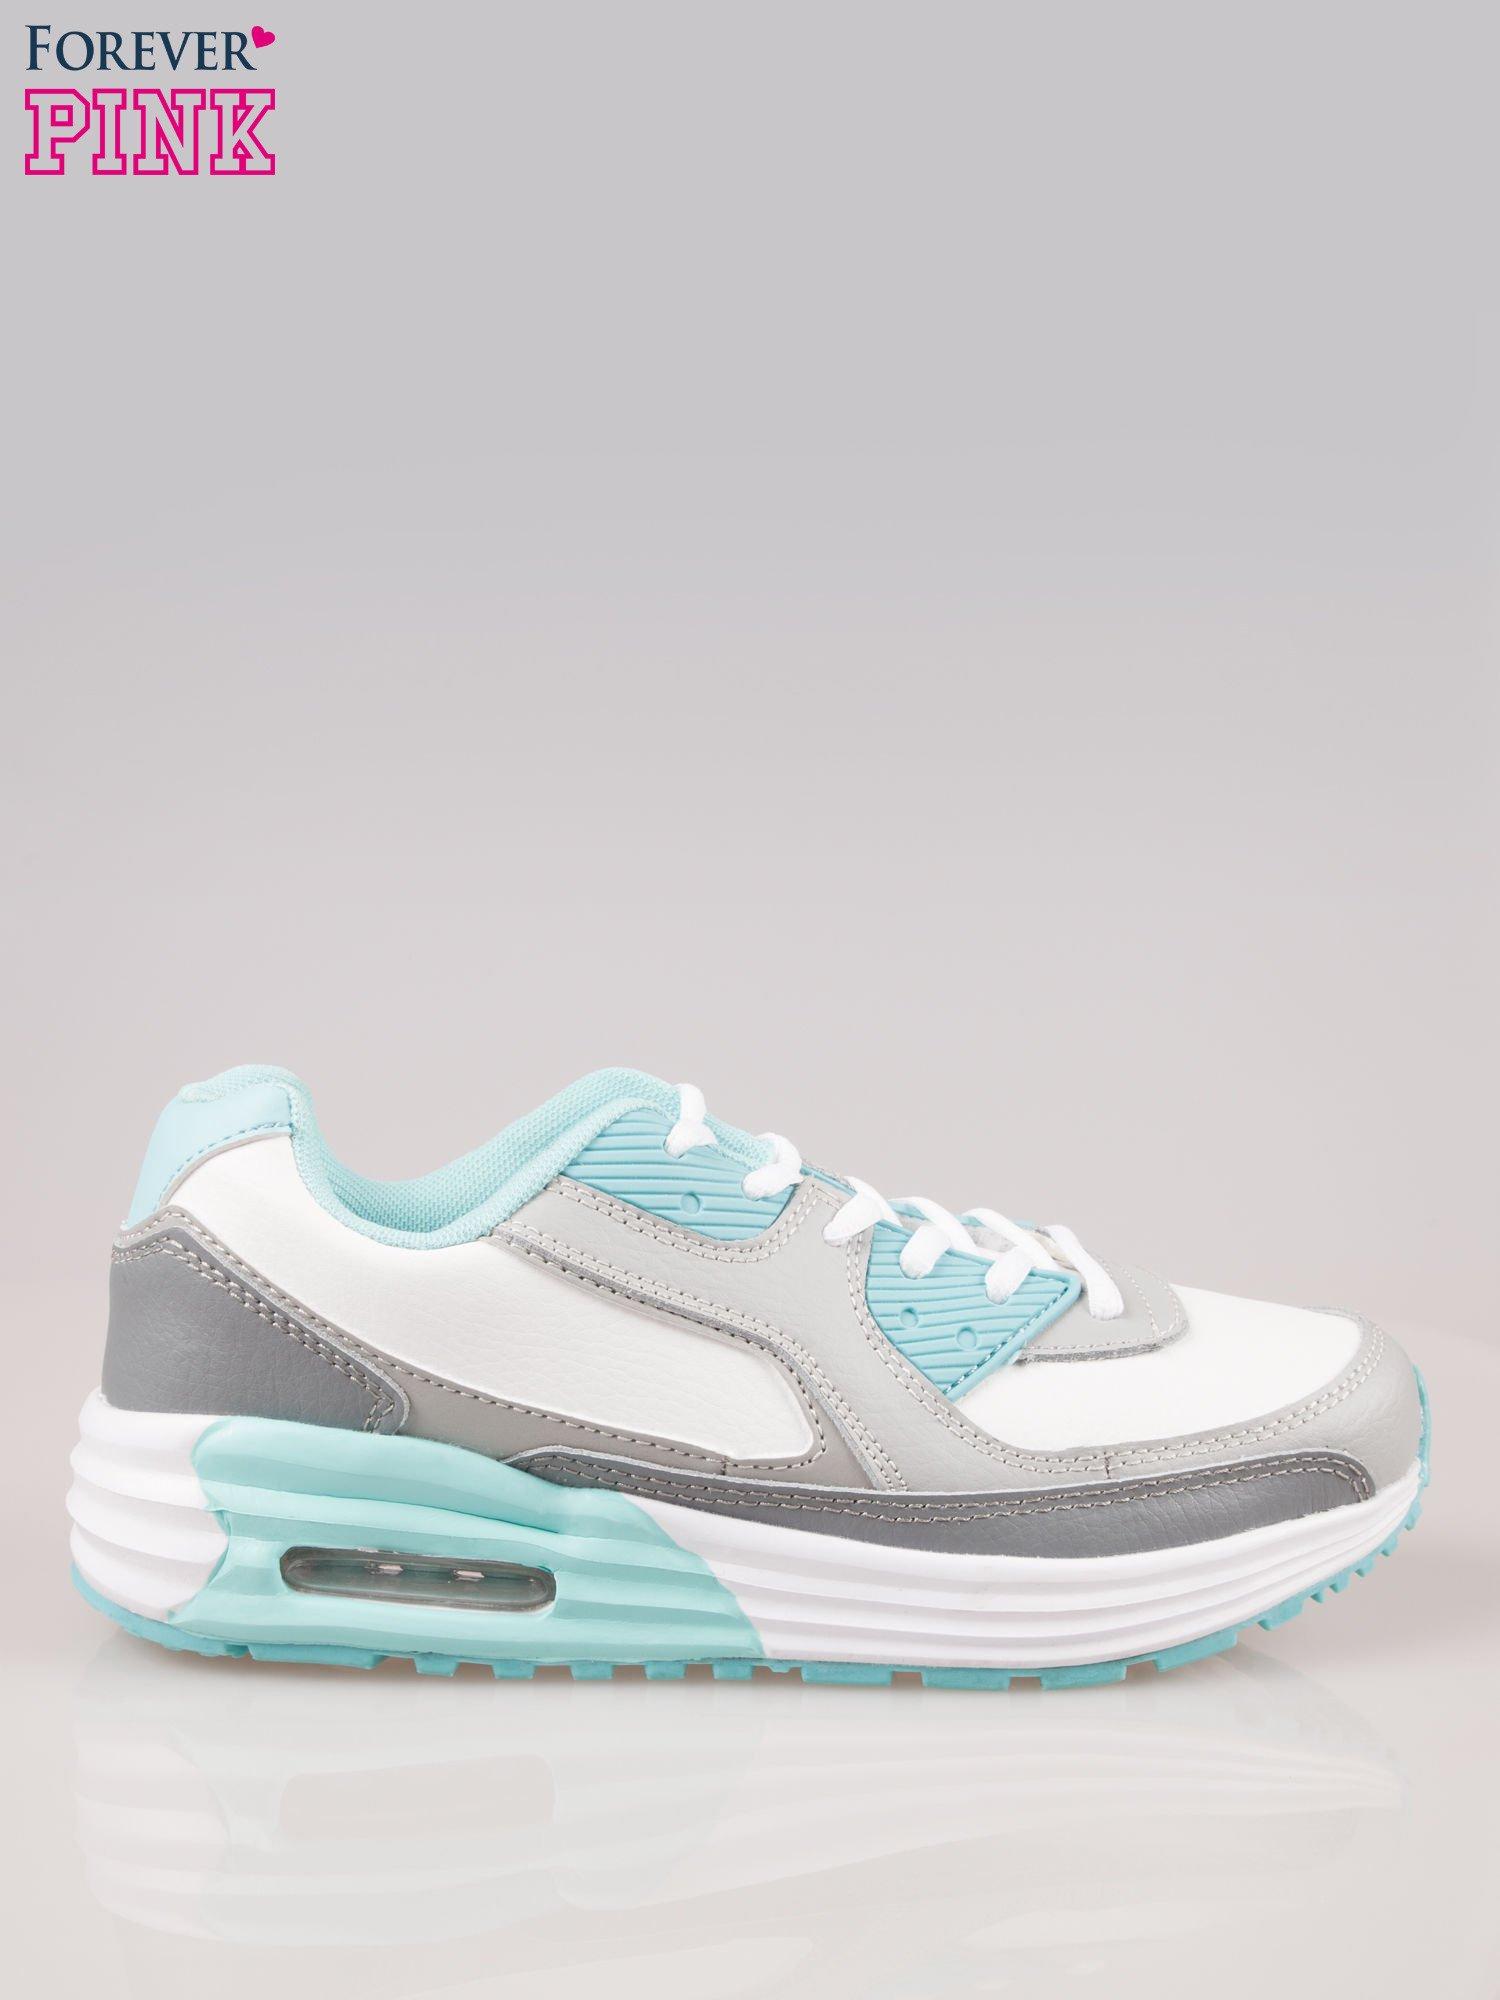 Szaro-niebieskie buty sportowe z poduszką powietrzną                                  zdj.                                  1